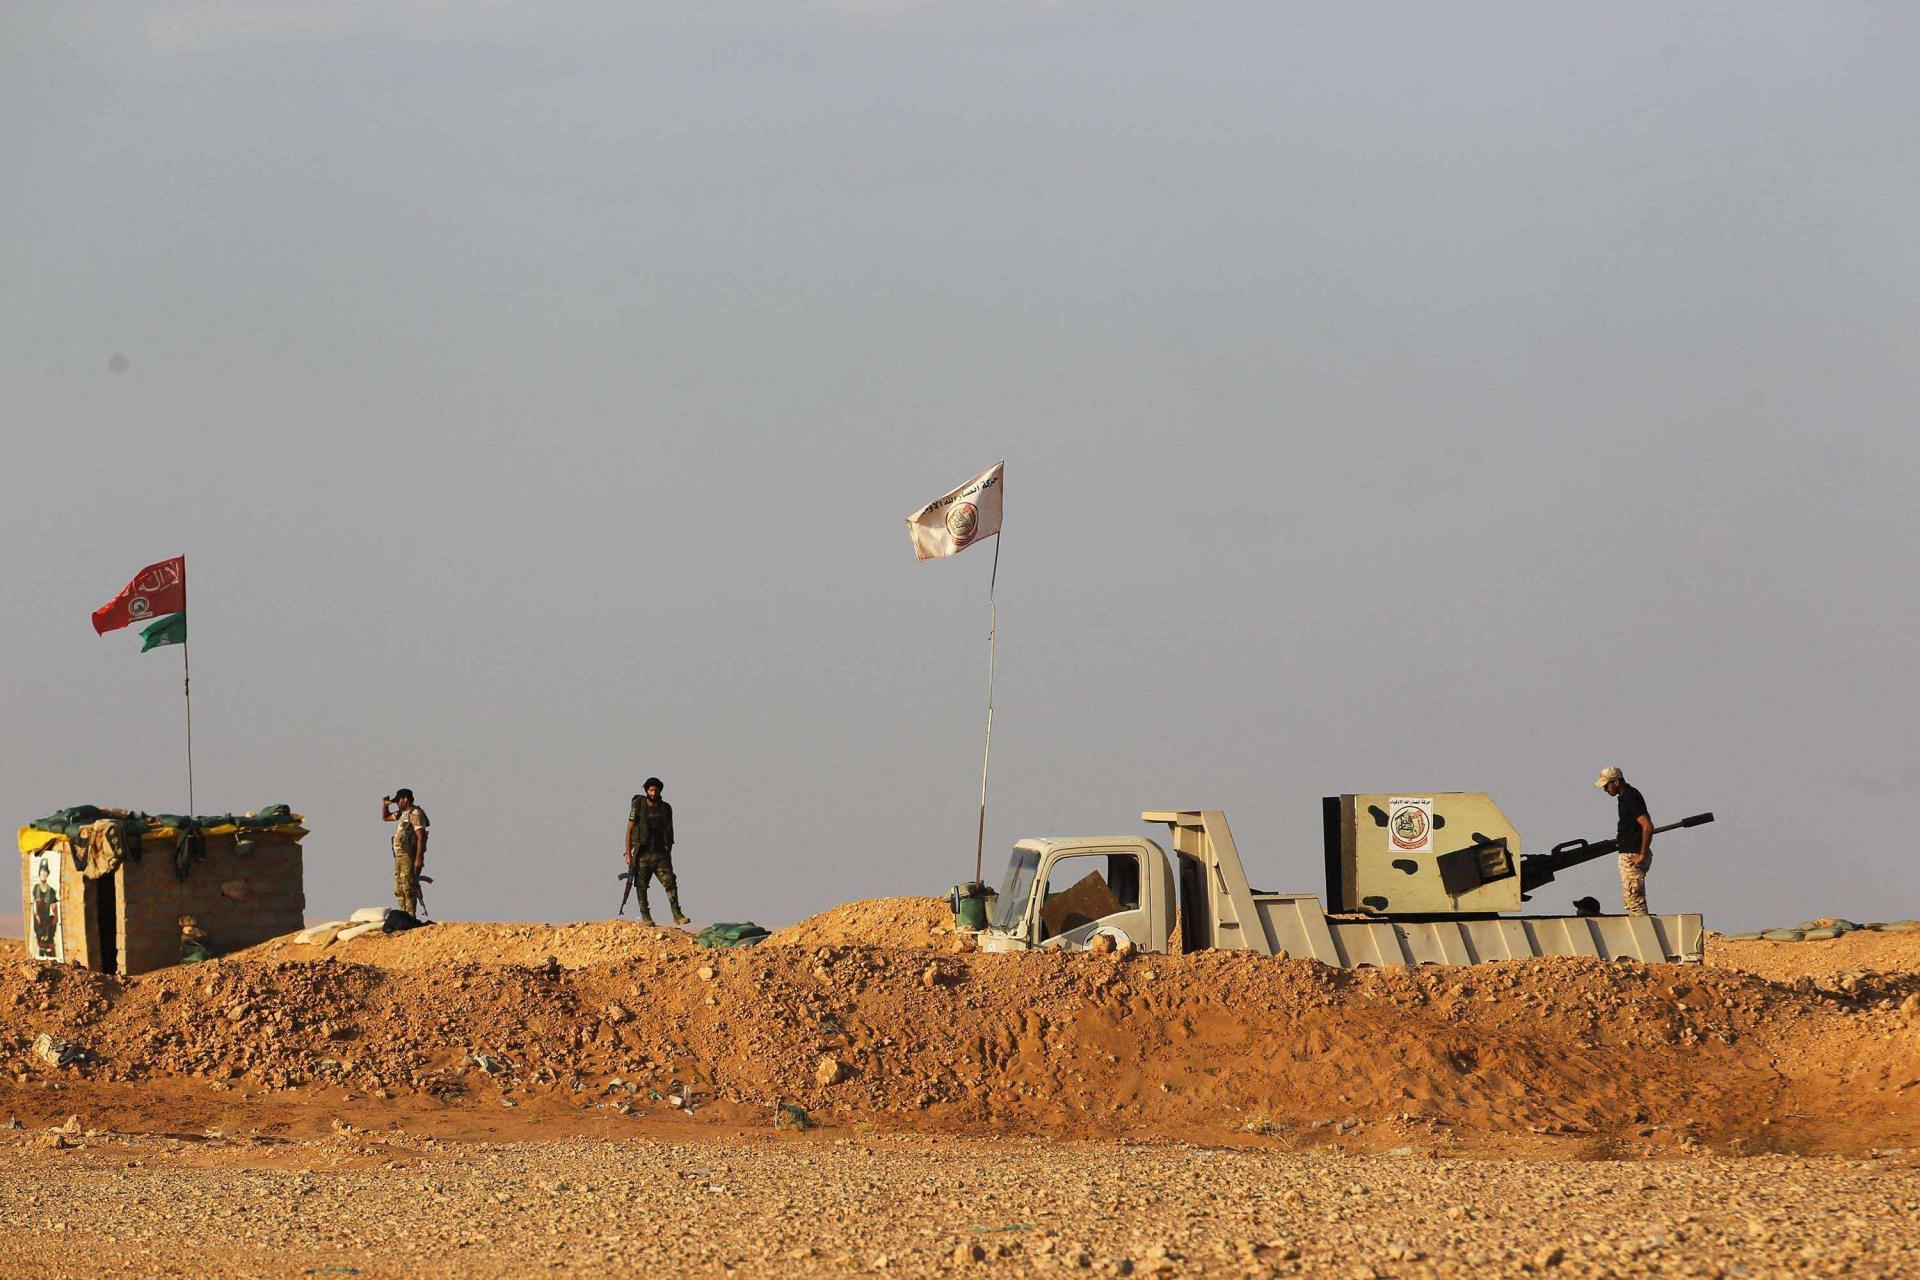 مقتل 5 عناصر من الفصائل الموالية لإيران على الحدود العراقية السورية